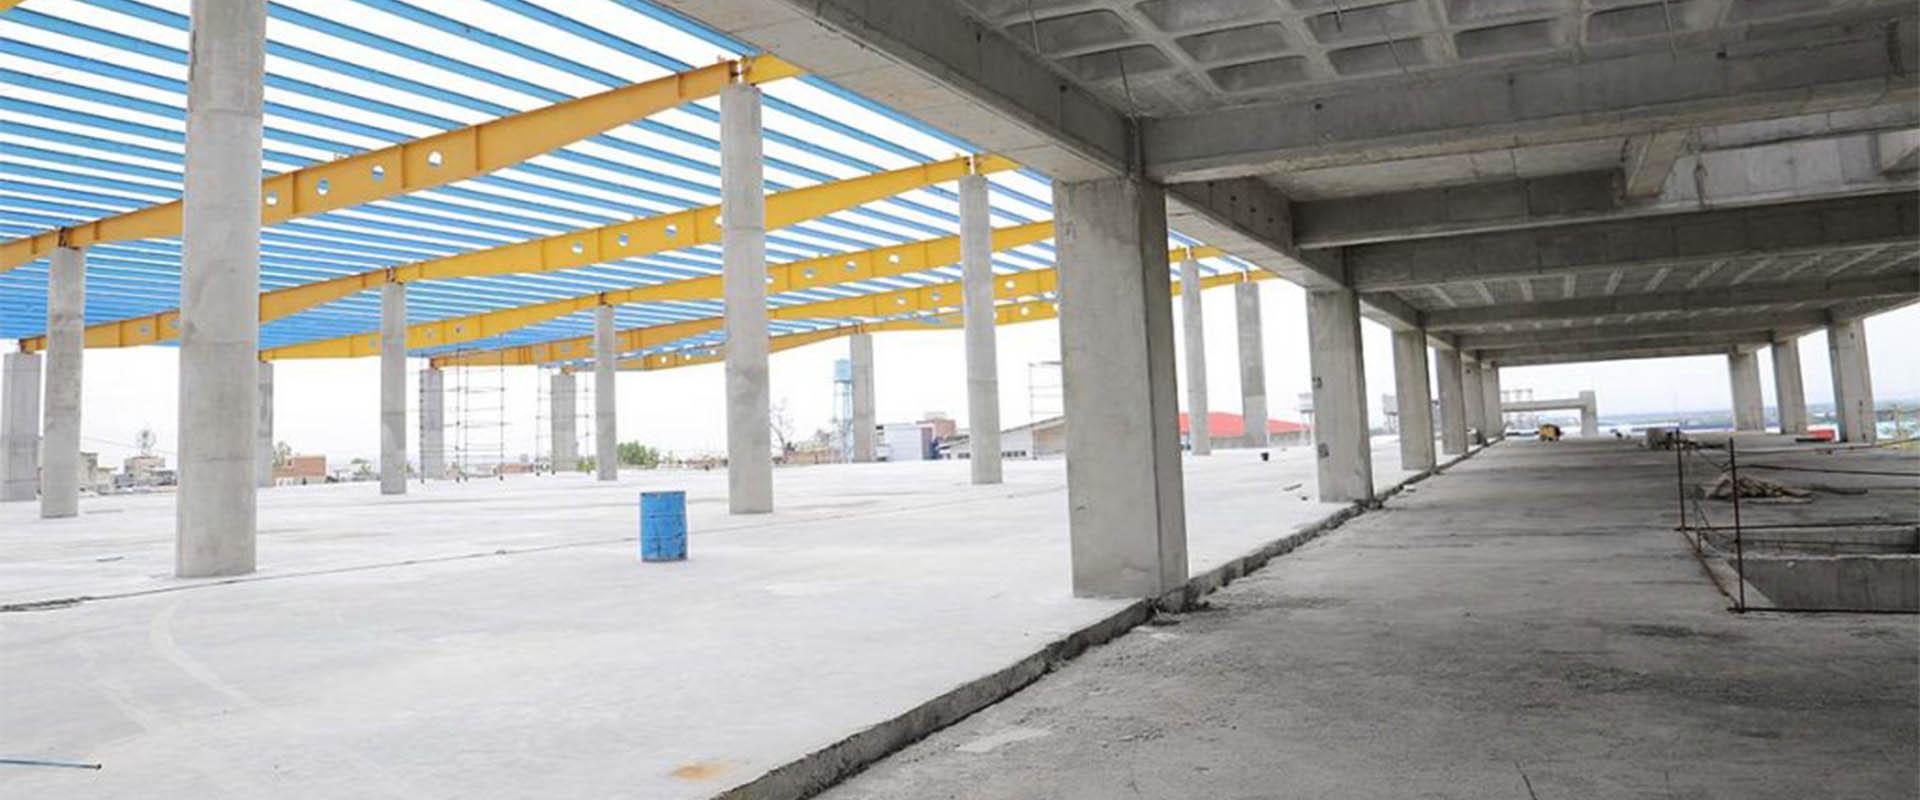 معرفی مصالح ساختمانی جدید سقف وافل